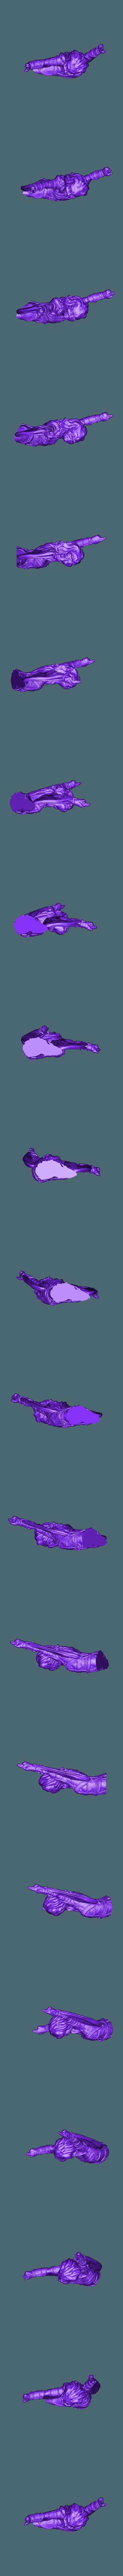 TOP_Niorsuha.stl Télécharger fichier STL gratuit Niorsuha the Apprentice • Design pour imprimante 3D, bendansie